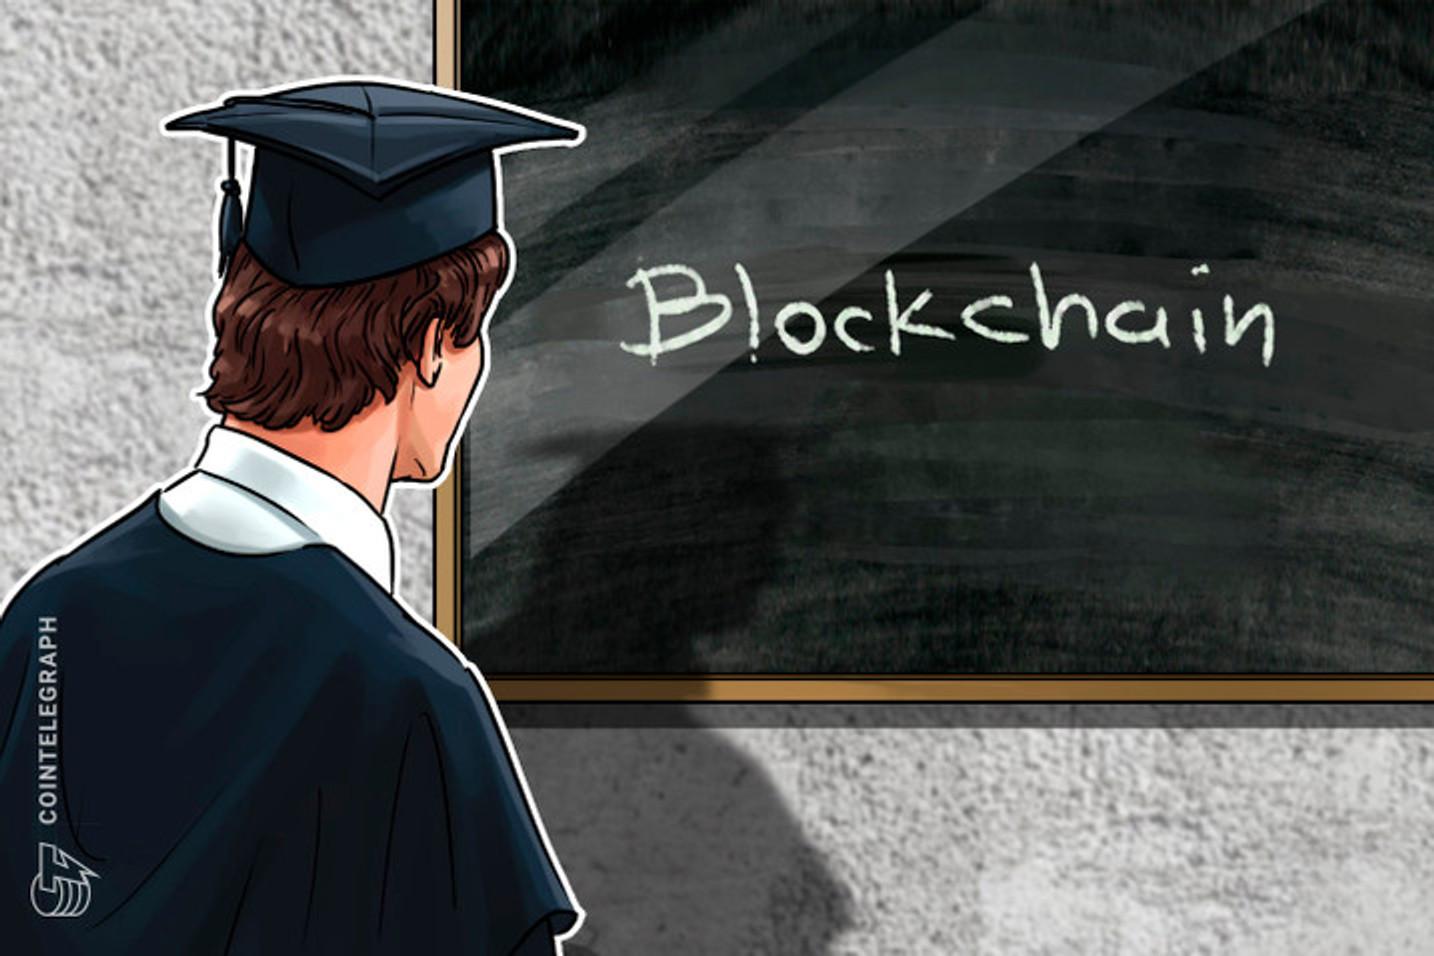 Associação de advogados oferece curso Ead sobre tecnologia blockchain e imersão legal